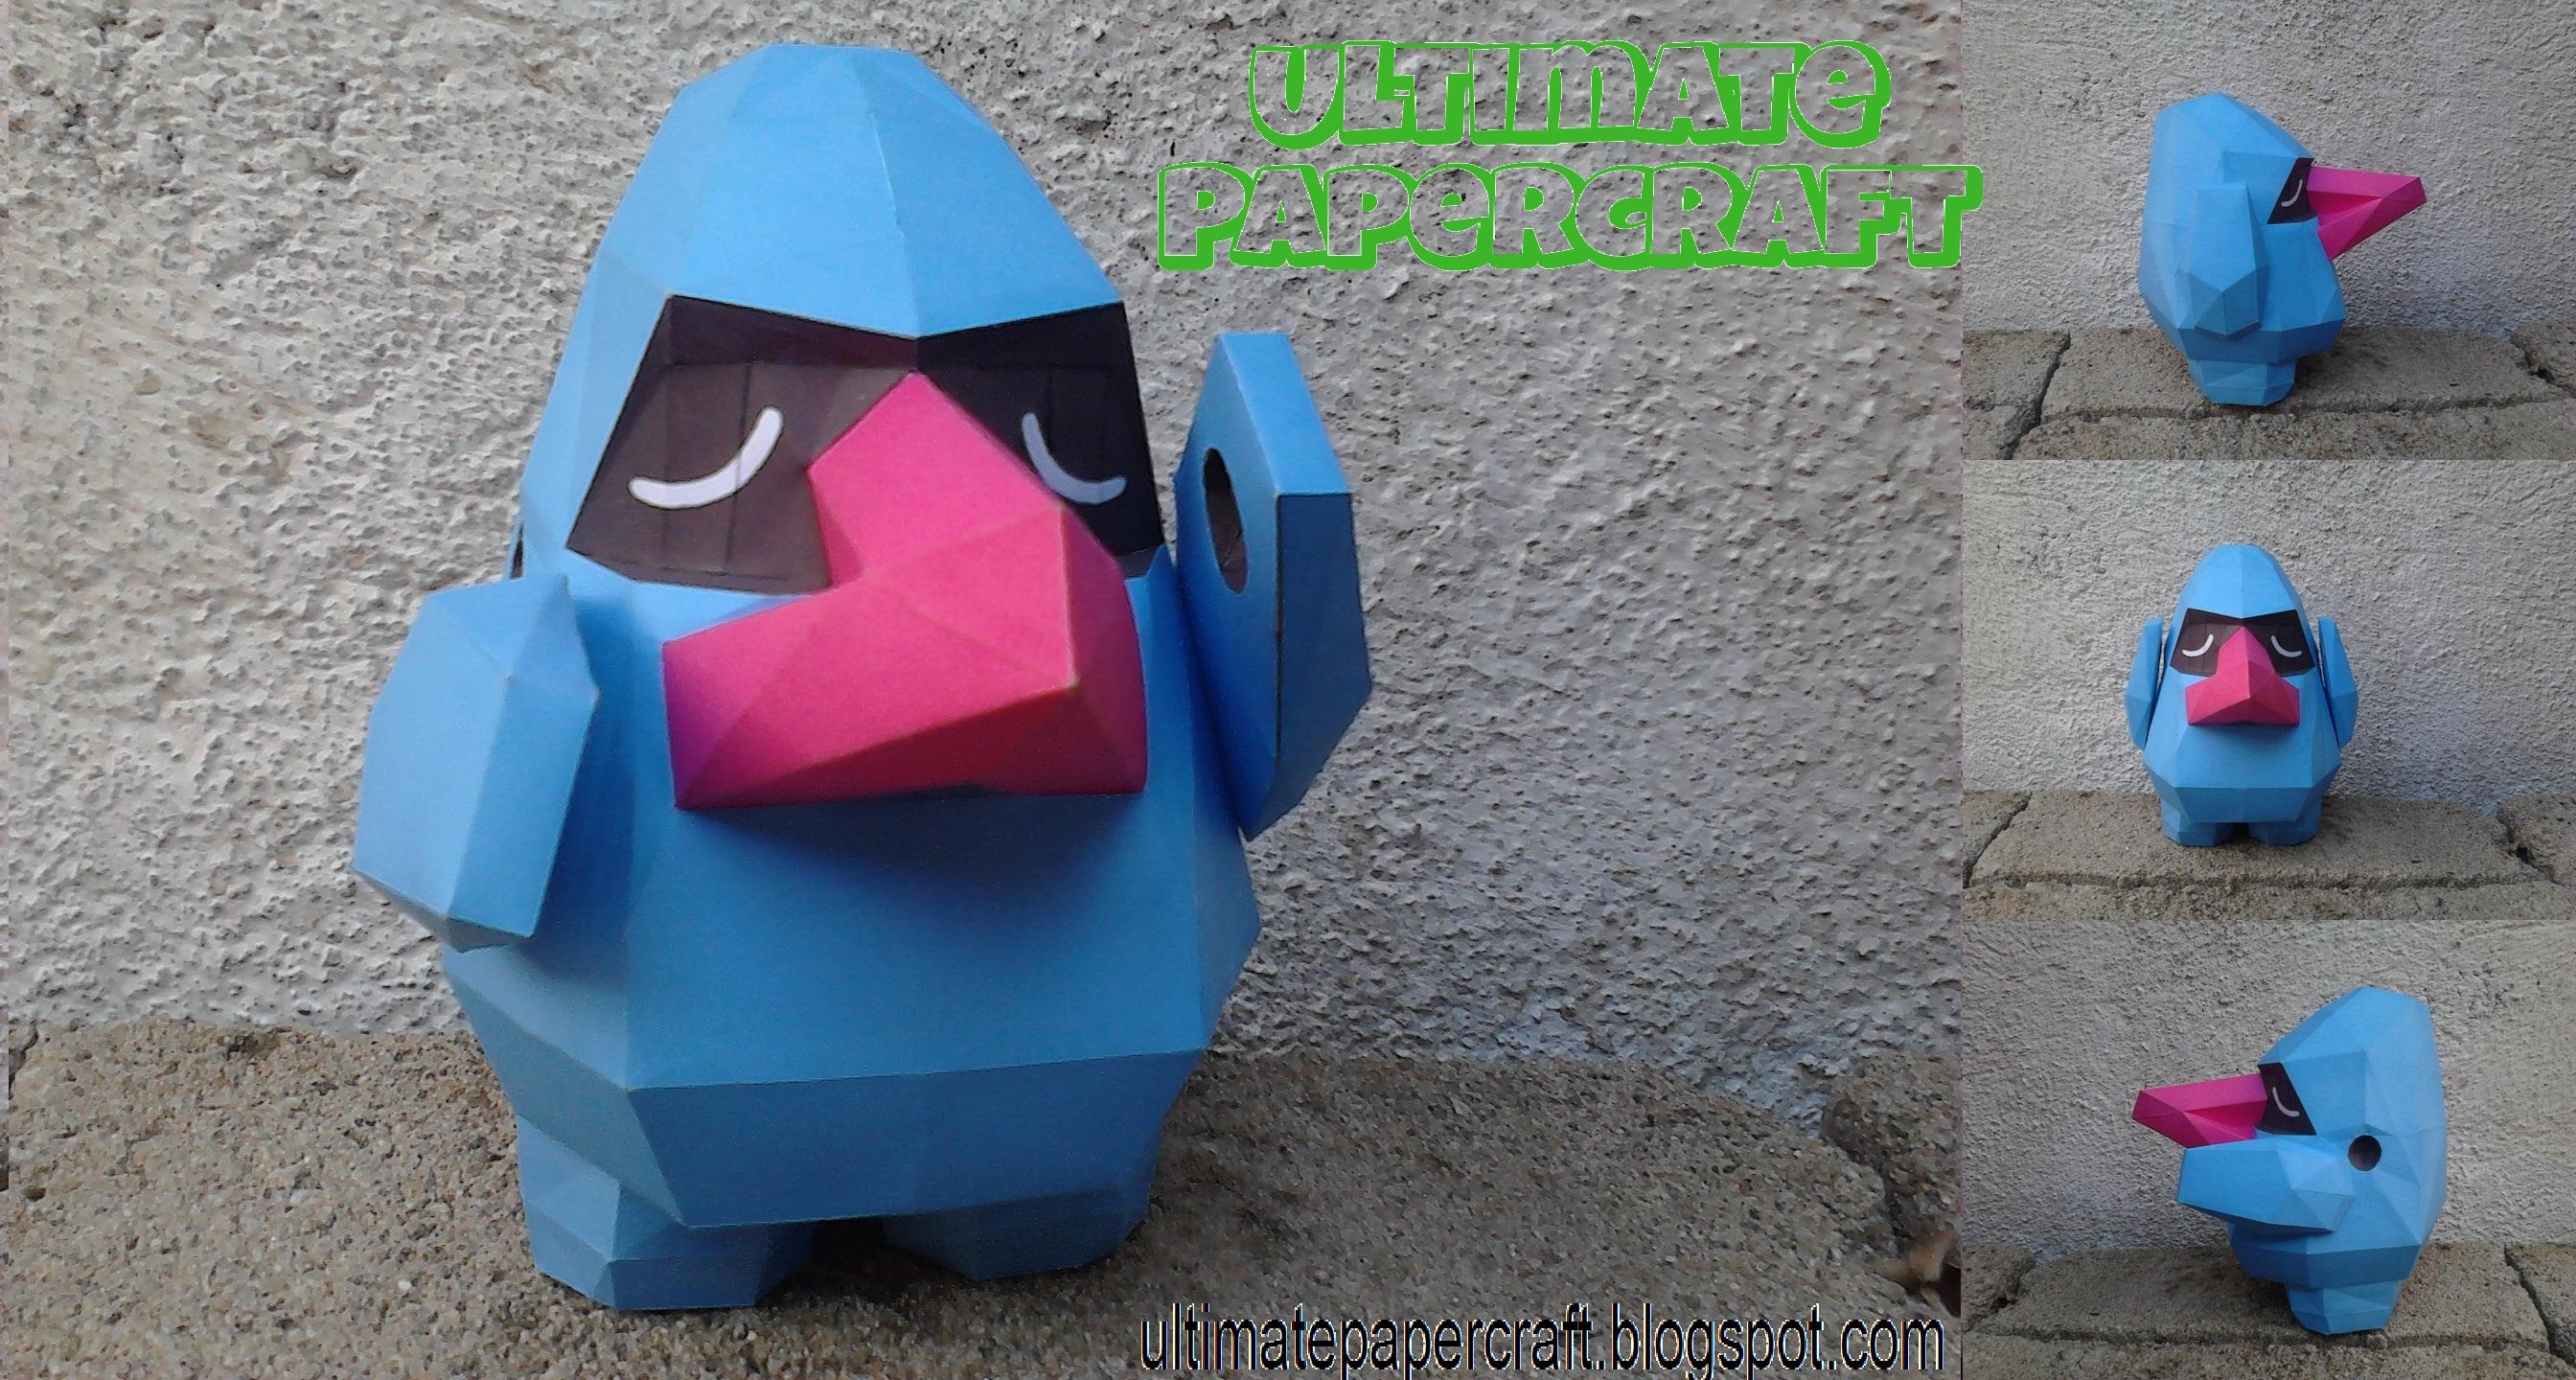 NOSEPASS PAPERCRAFT by Odnamra22